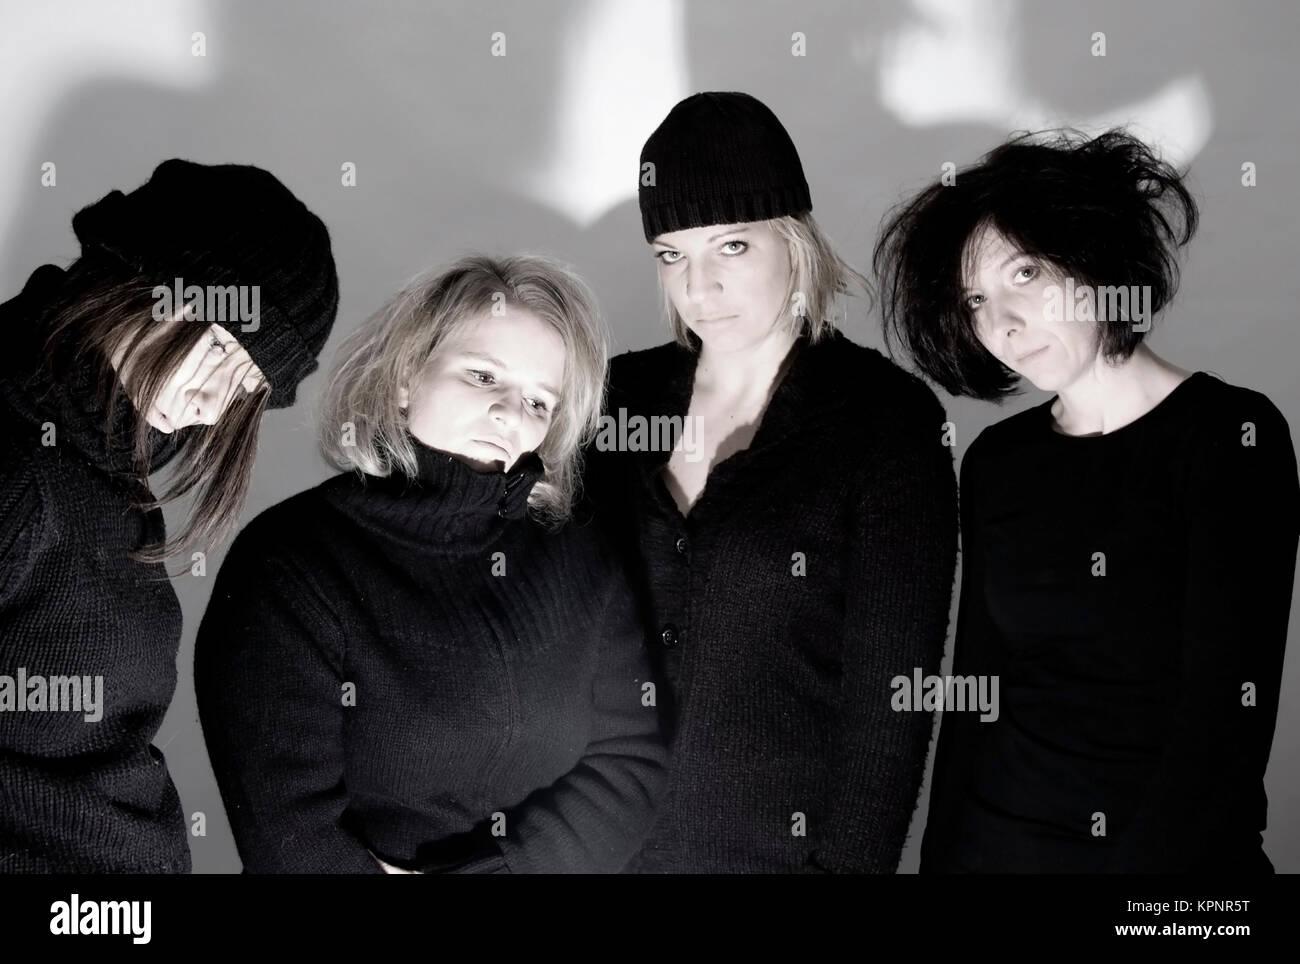 Vier gelangweilte Frauen im schwarzen Outfit - four boring women in black outfit - Stock Image